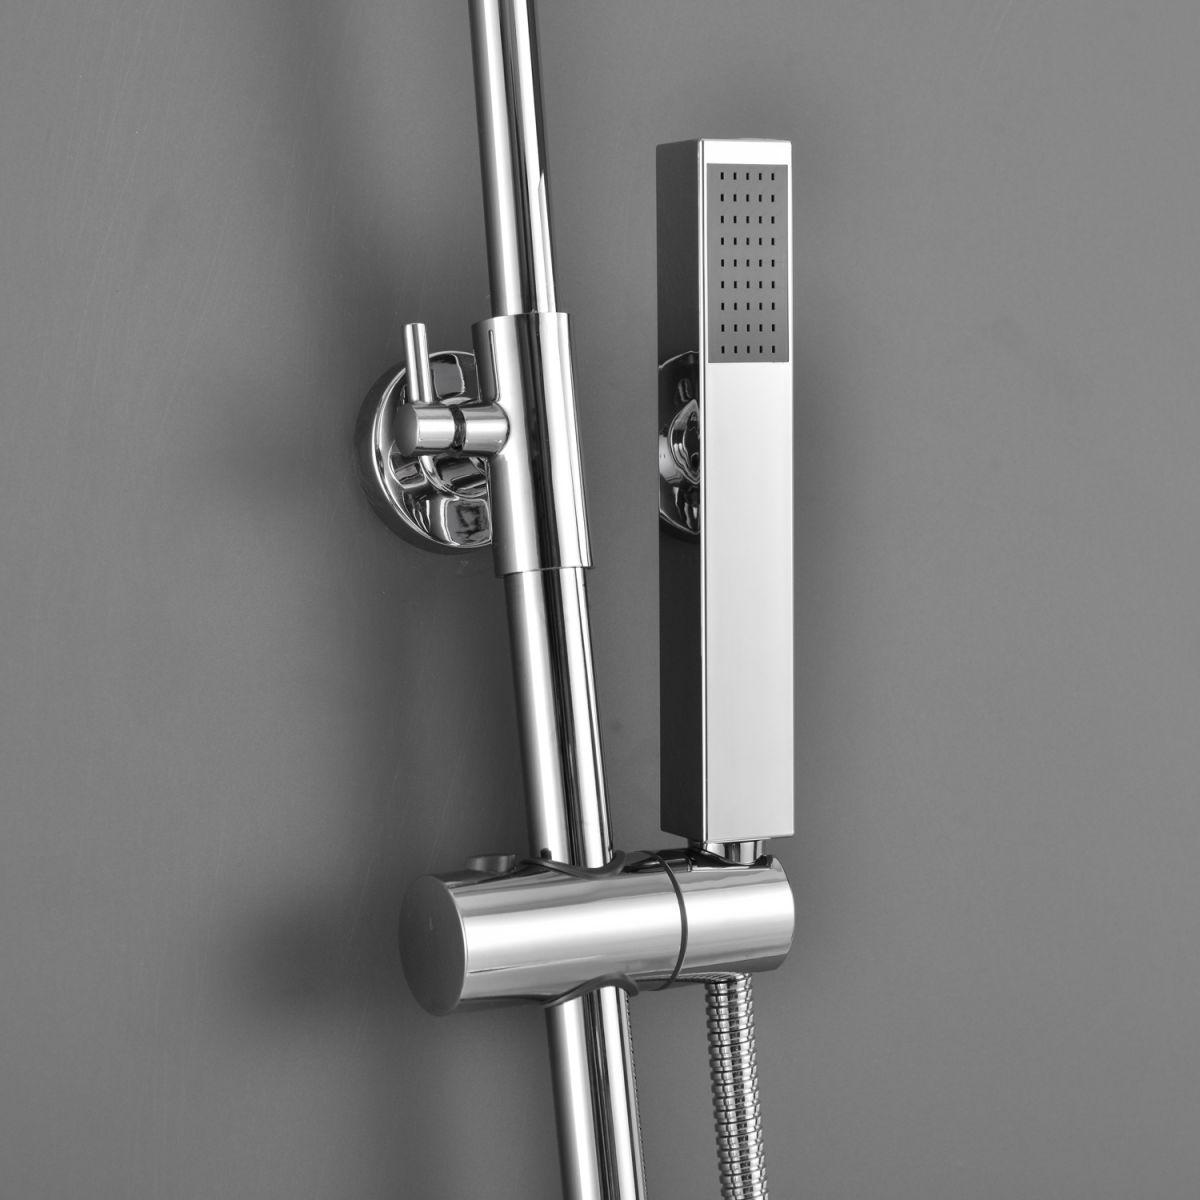 SS 02 3 Colonna doccia termostatica